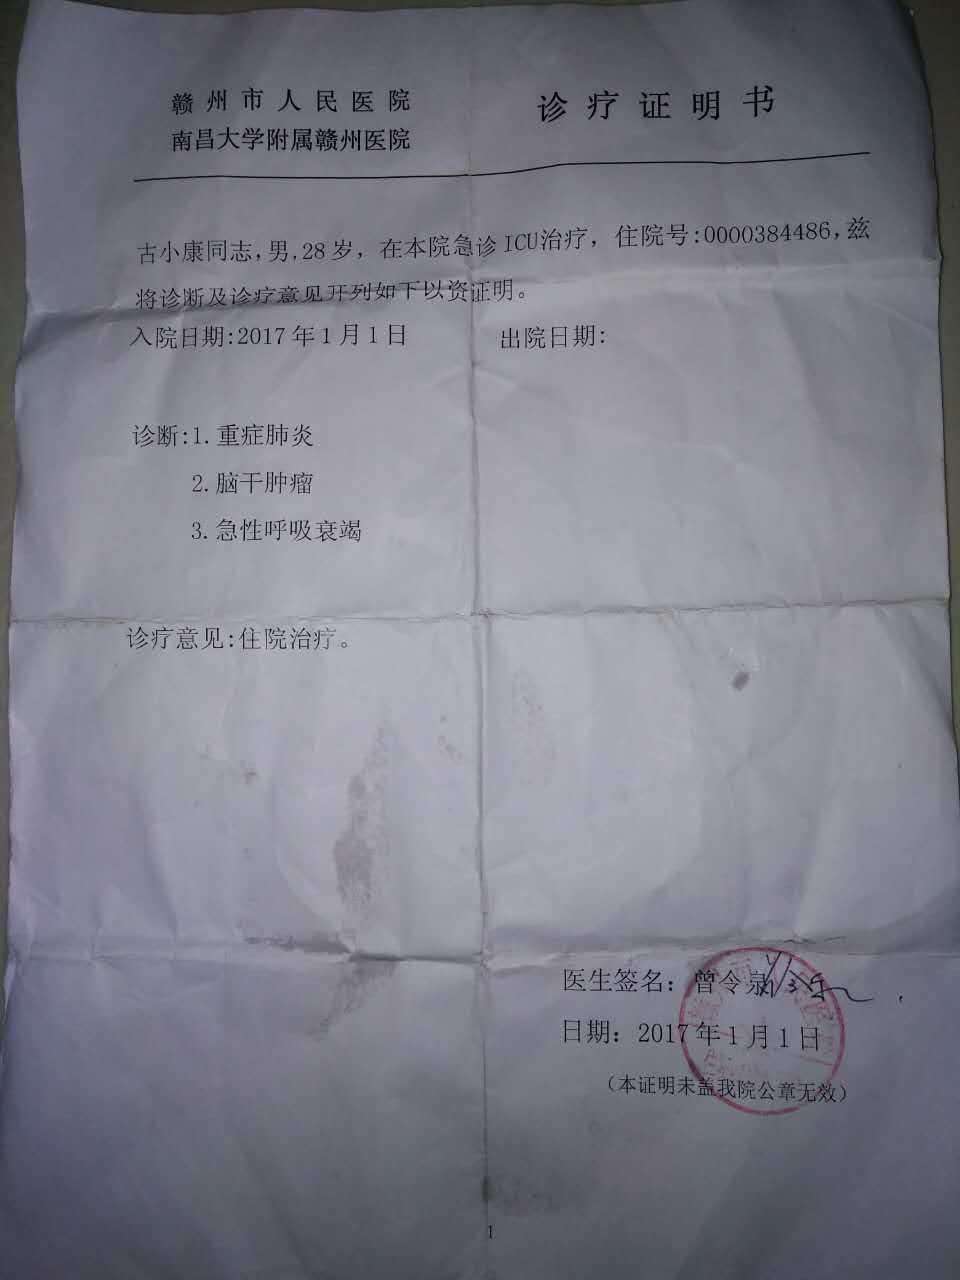 赣州市人民医院诊疗证明书